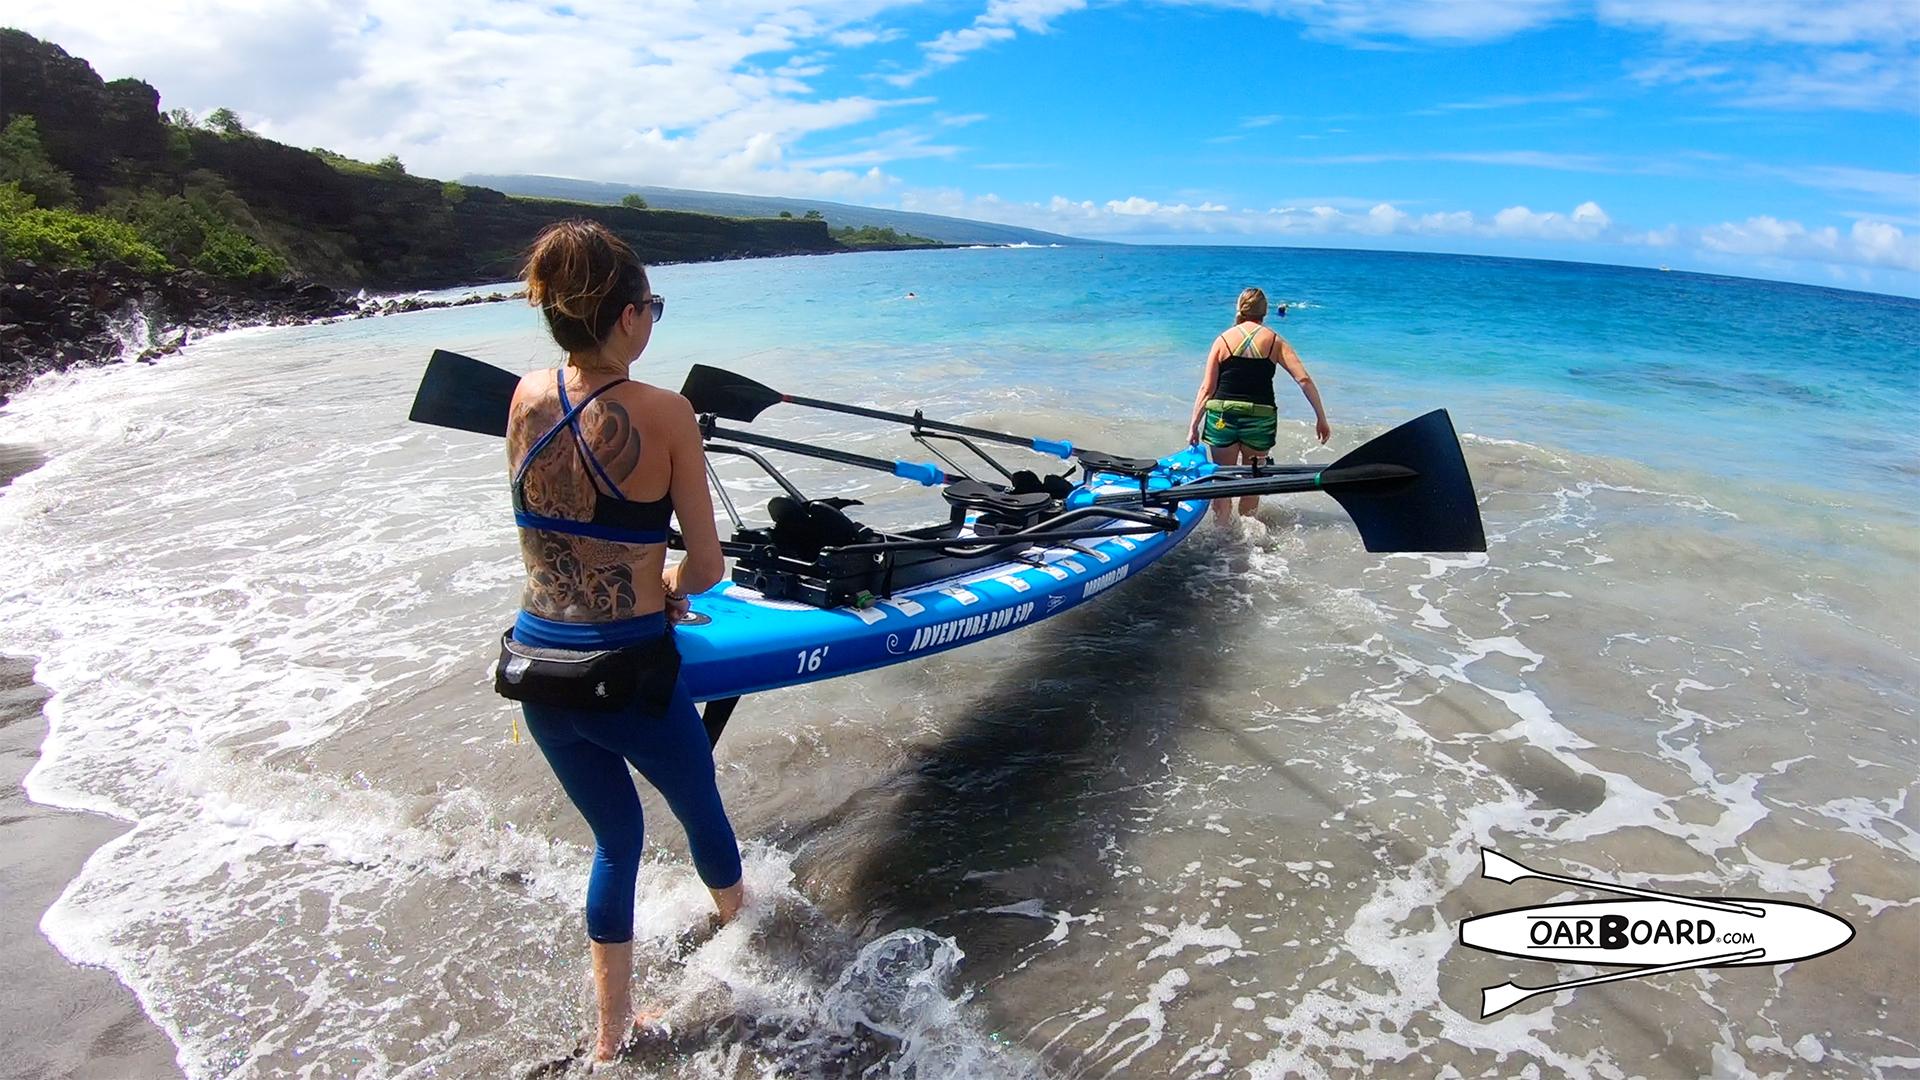 Oar-Board-Launch-Diana-Lesieur-Sarah-Thornber-Ho'okena-Beach